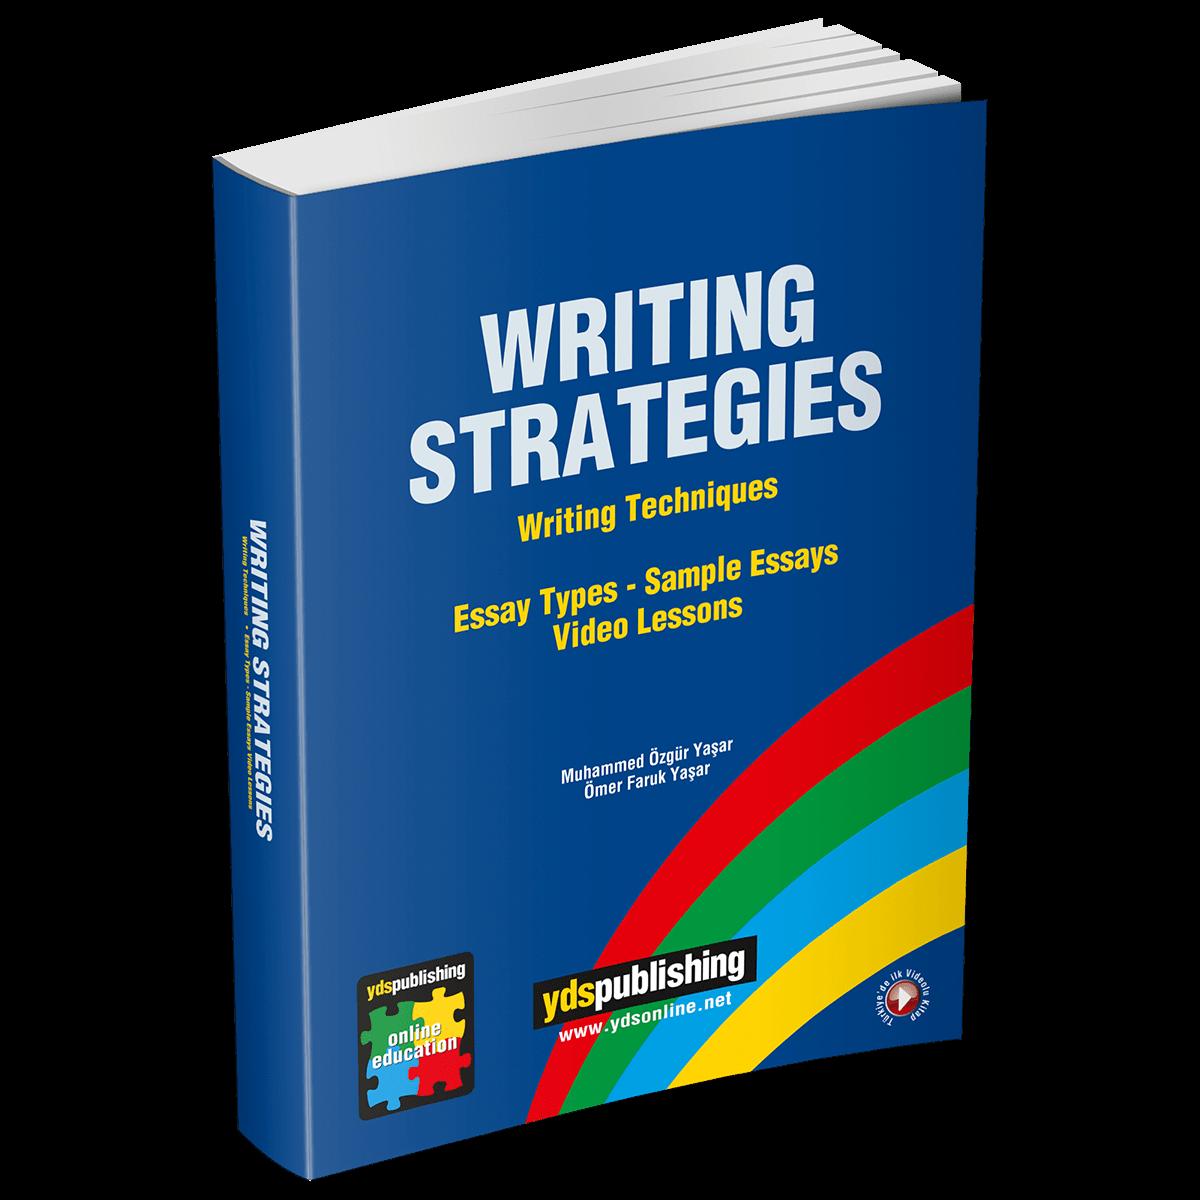 Writing Strategies writing strategies -  Writing Strategies – Yüzlerce essay örneğinden writing tekniklerini öğrenin